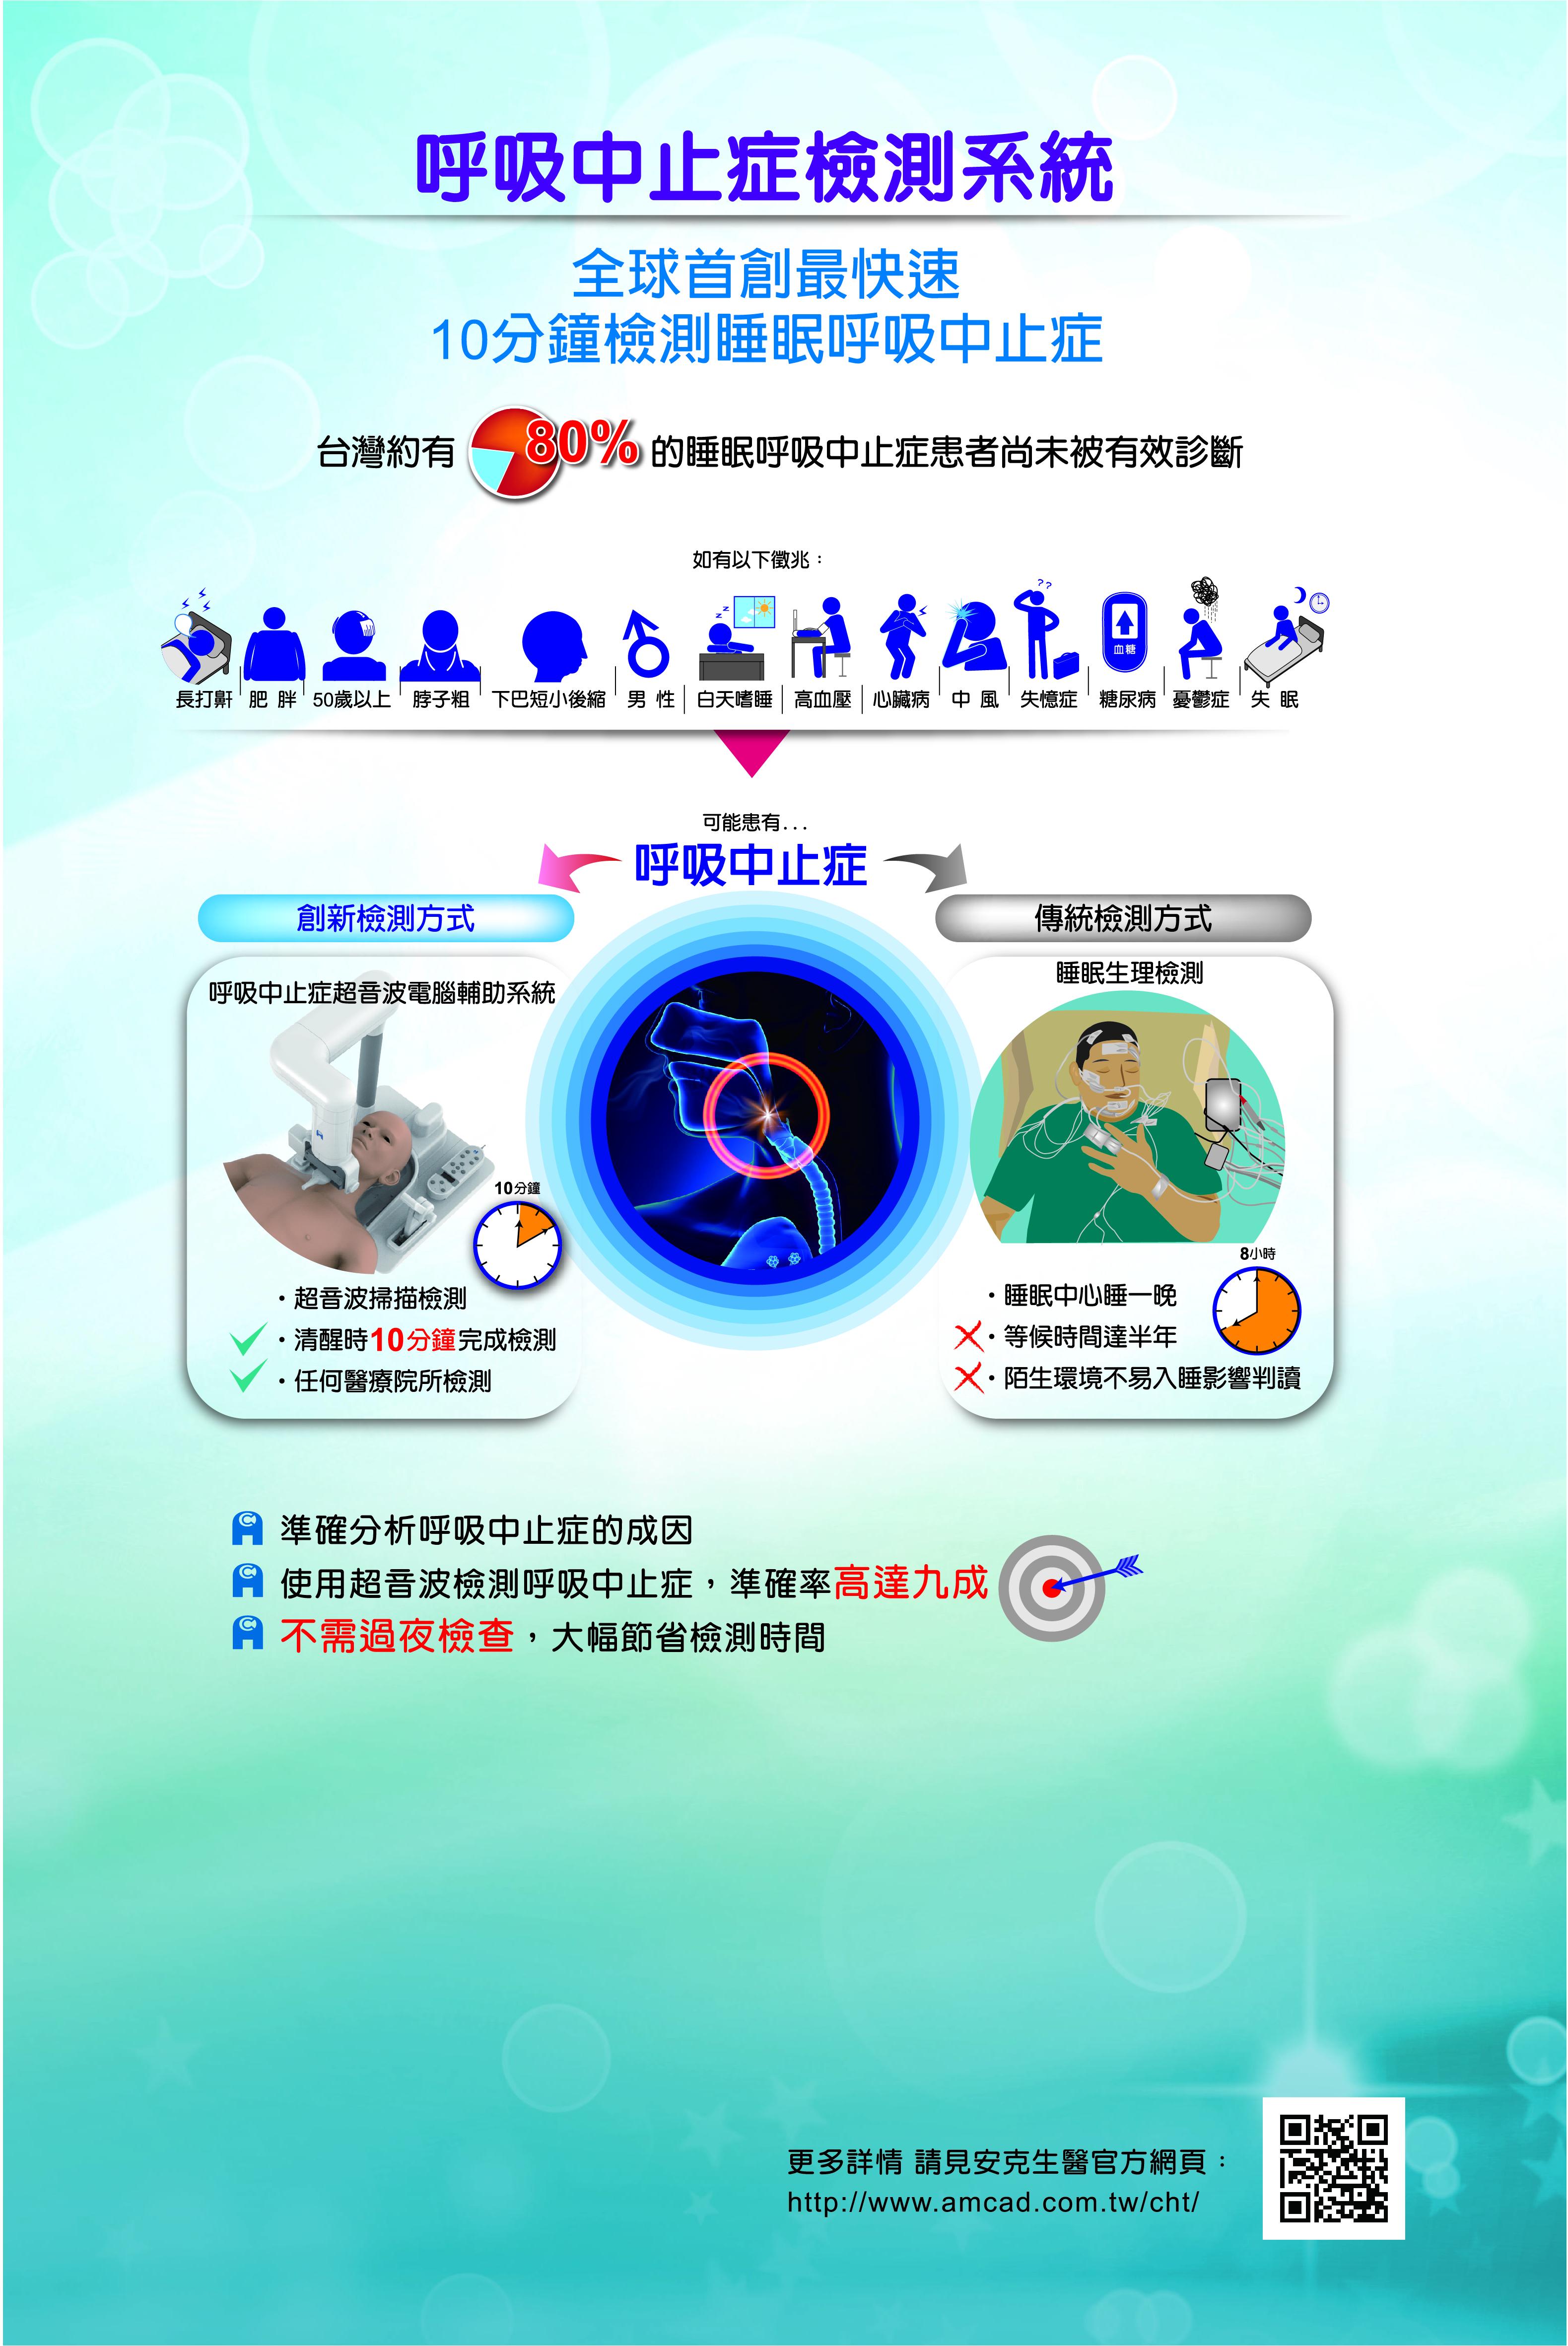 「呼吸中止症超音波電腦輔助診斷裝置  (AmCAD-UO) 」產品介紹